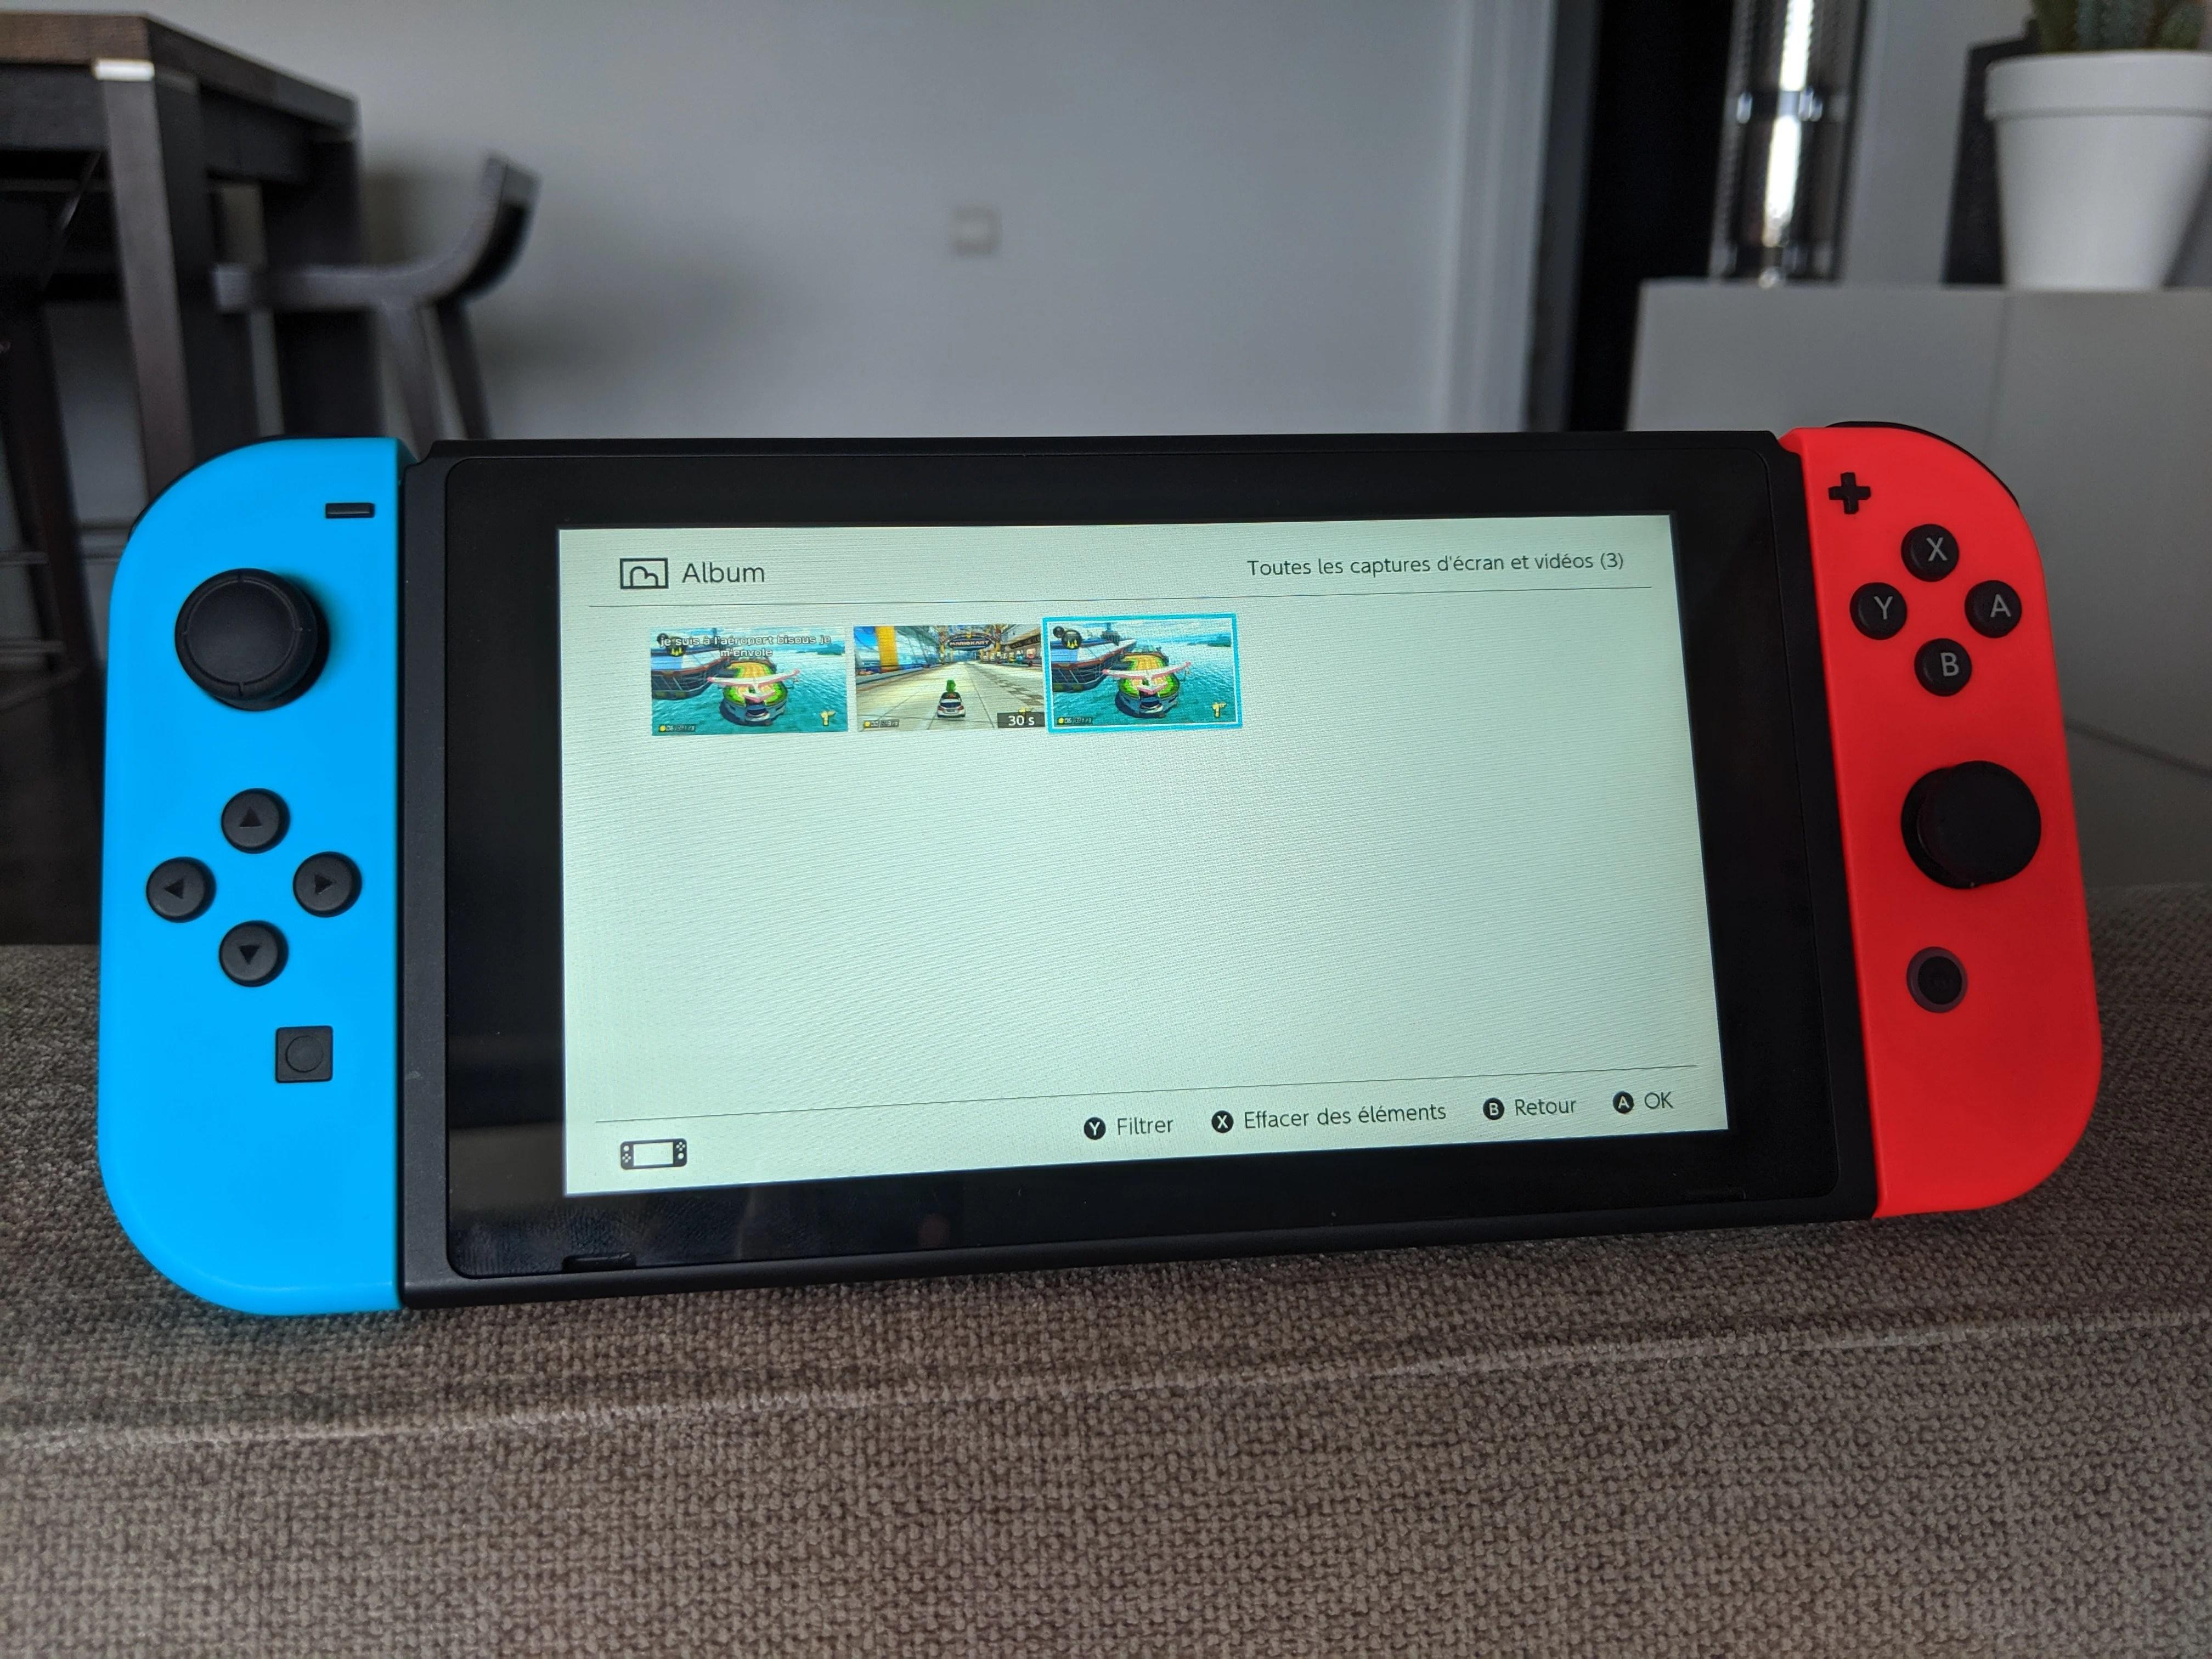 Nintendo Switch 11.0 : le partage de captures photos et vidéos devient bien plus simple